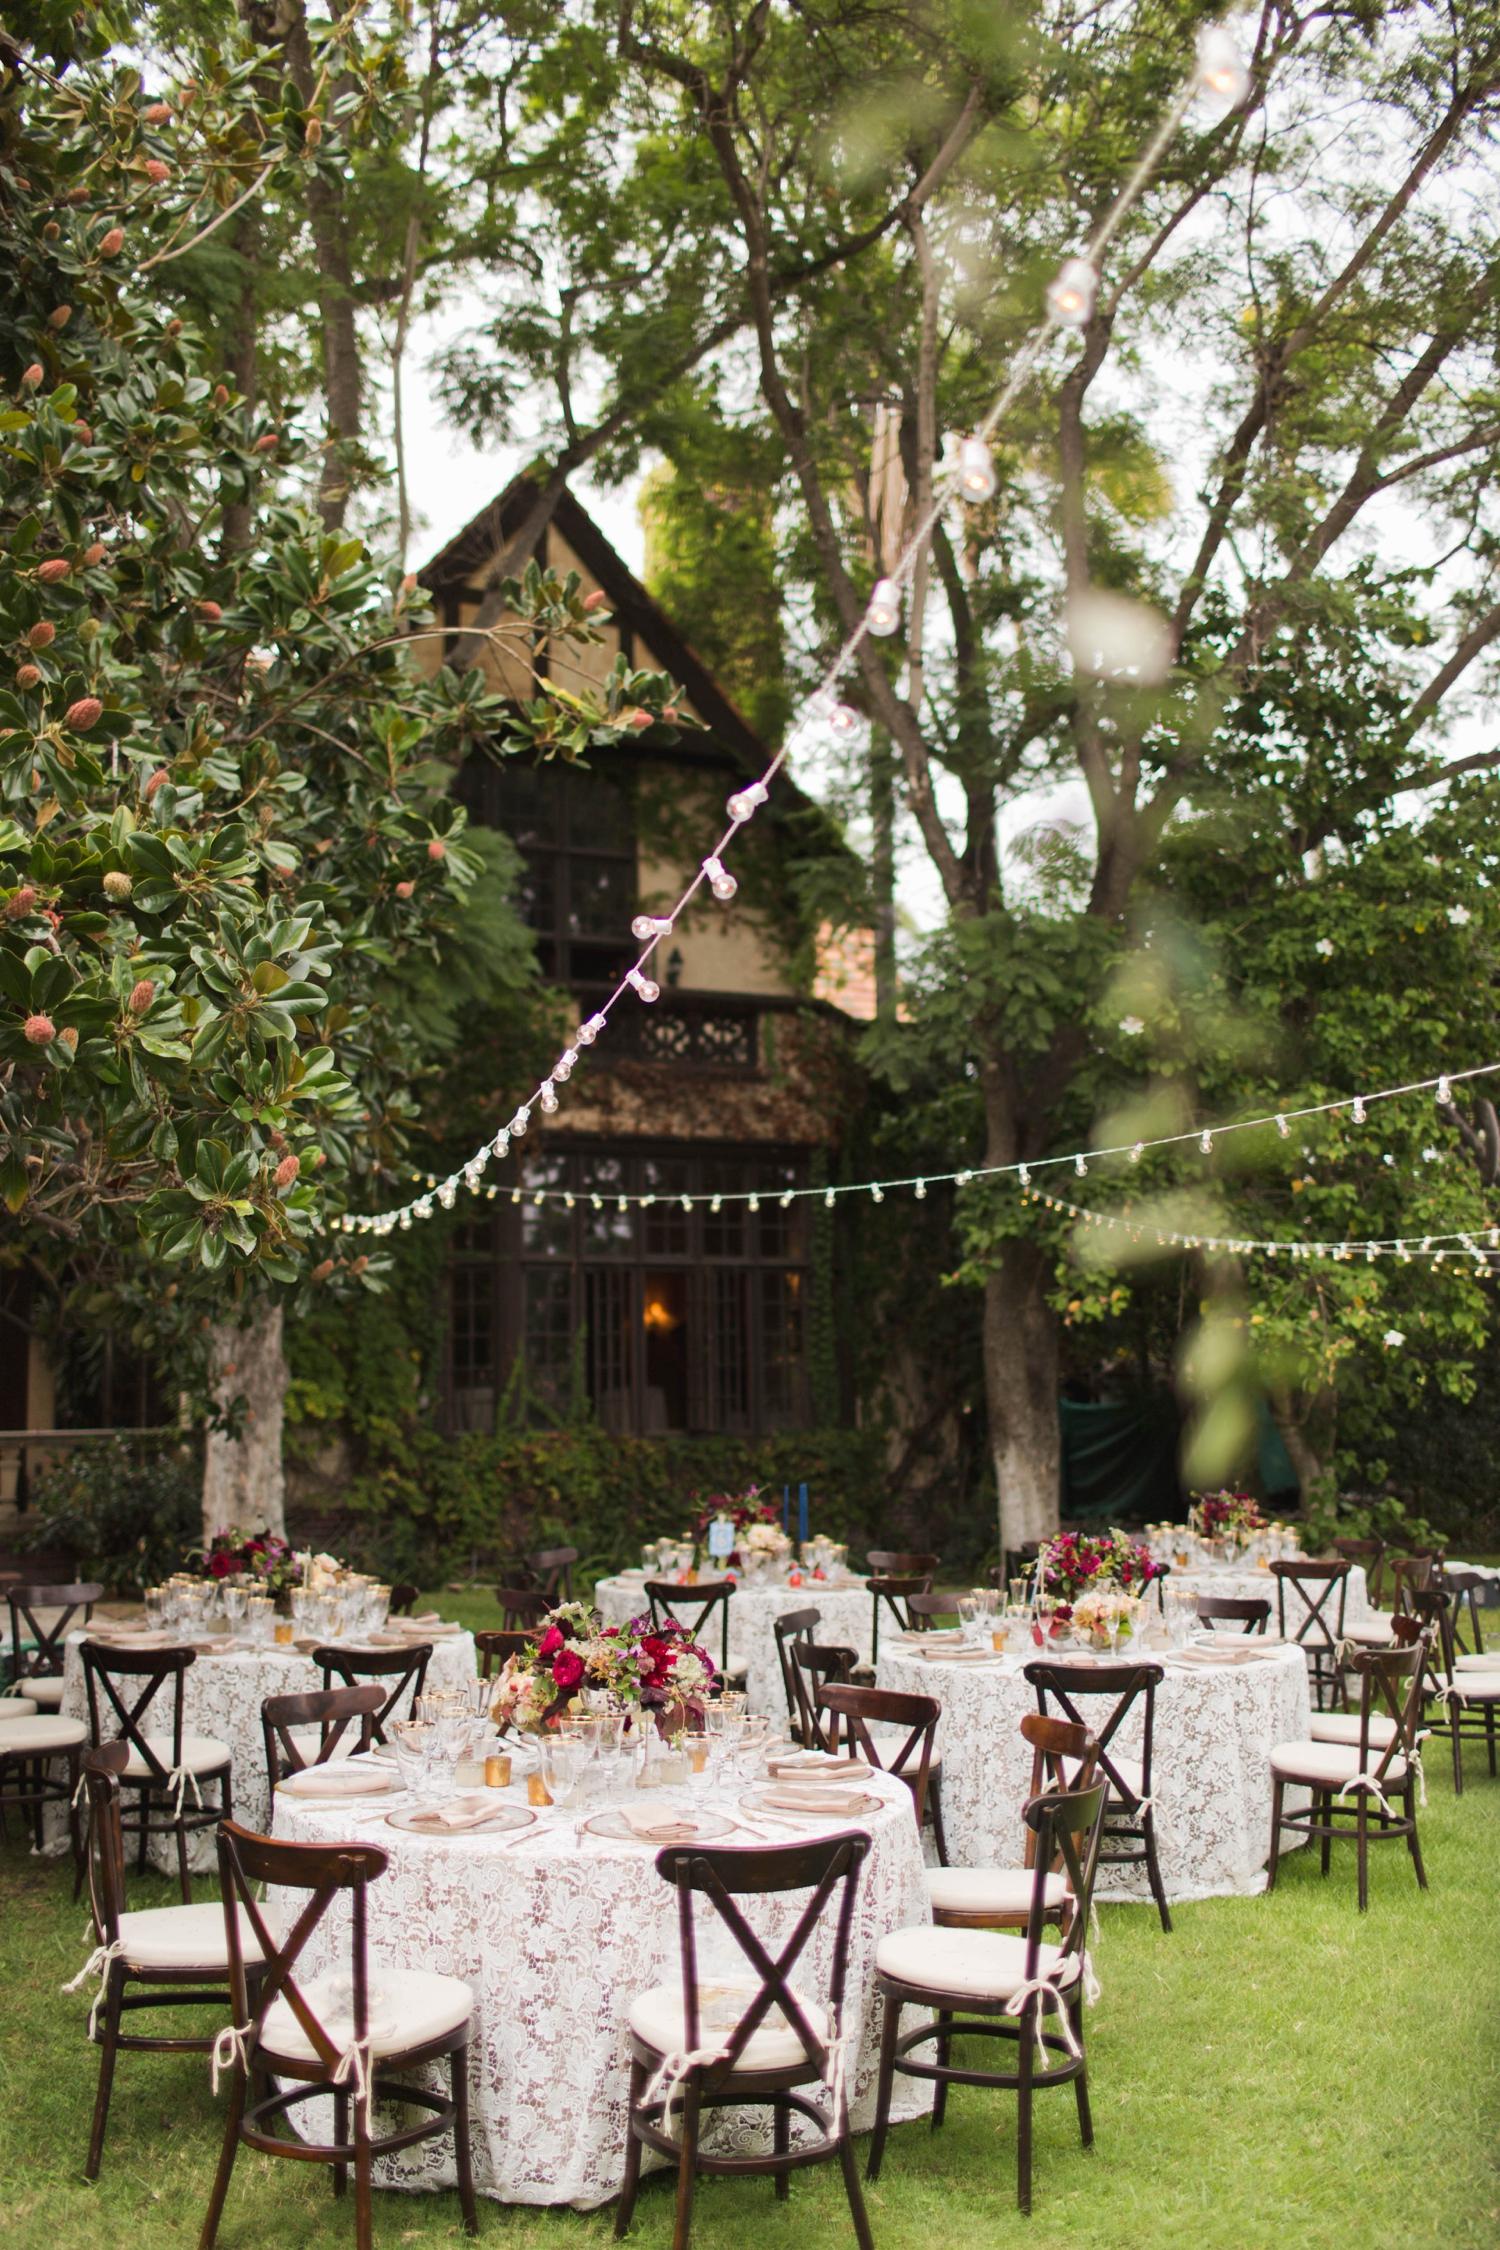 shewanders.coronado.wedding.photography2402.jpg.wedding.photography2402.jpg